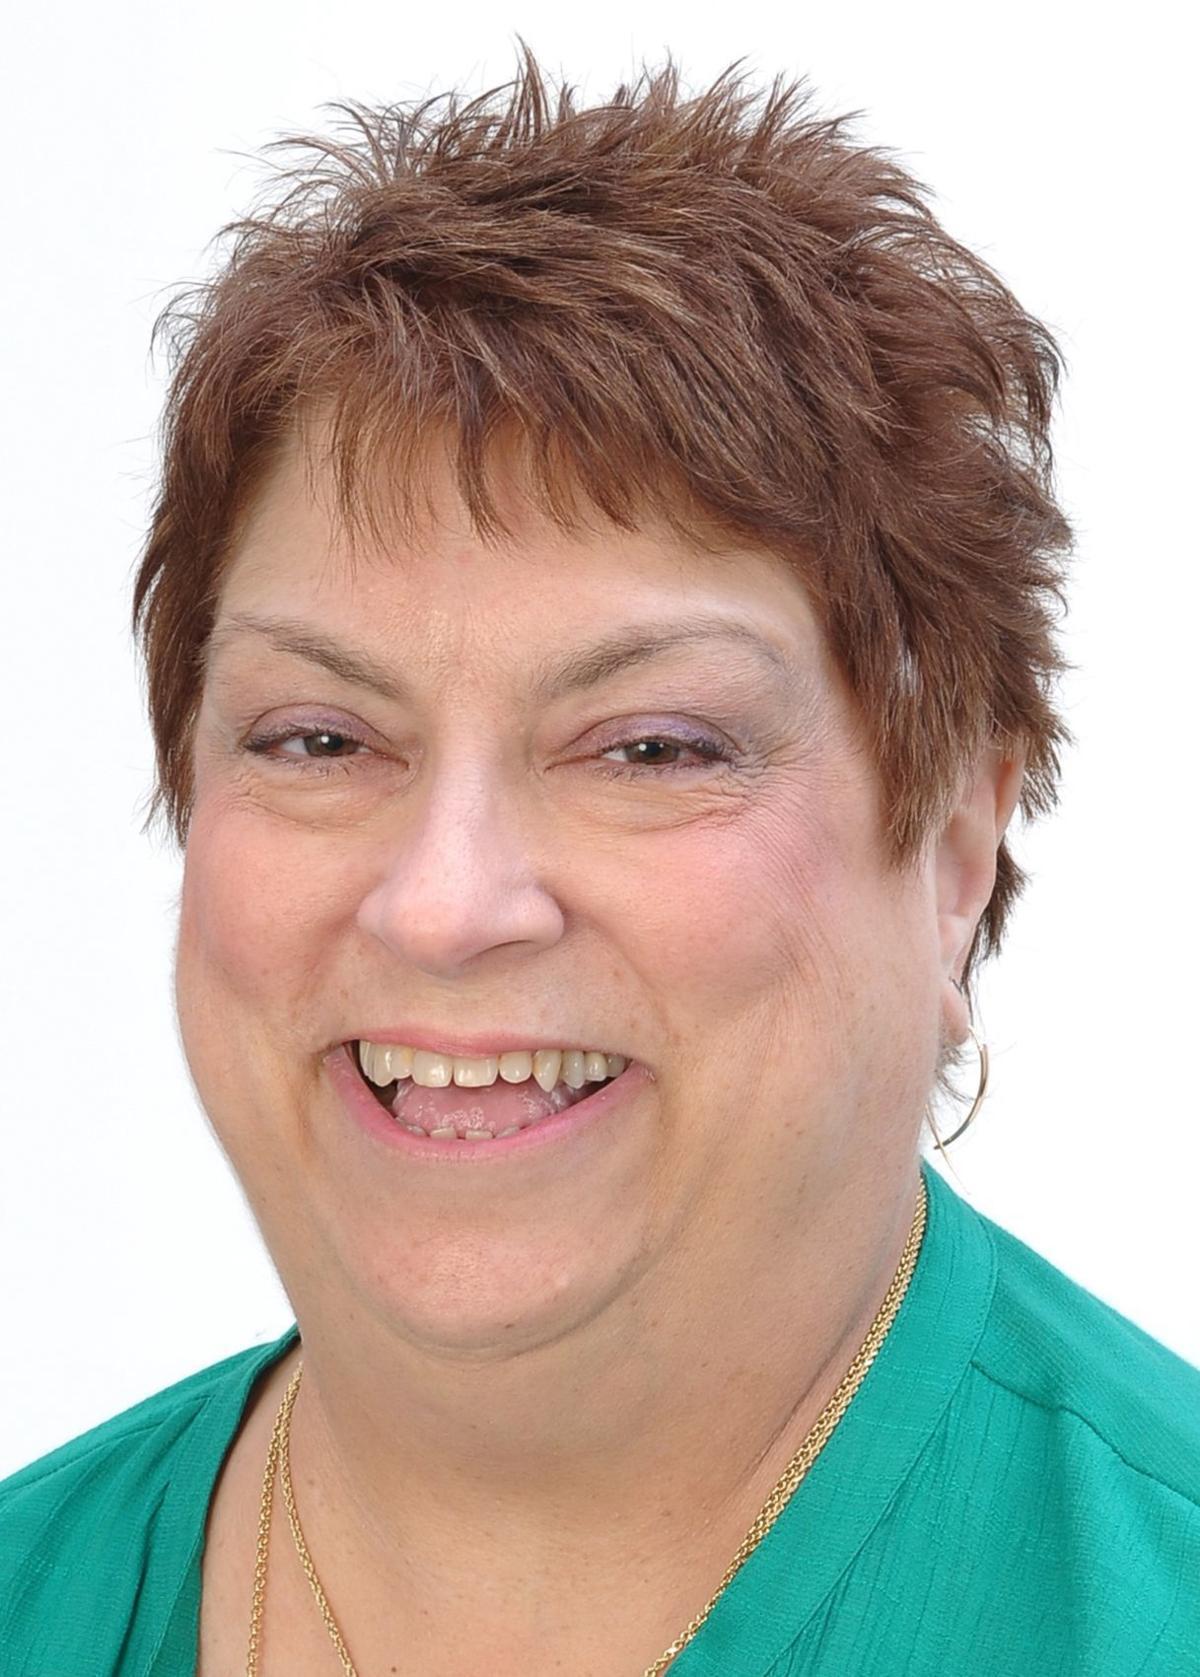 Cheryl Gaines